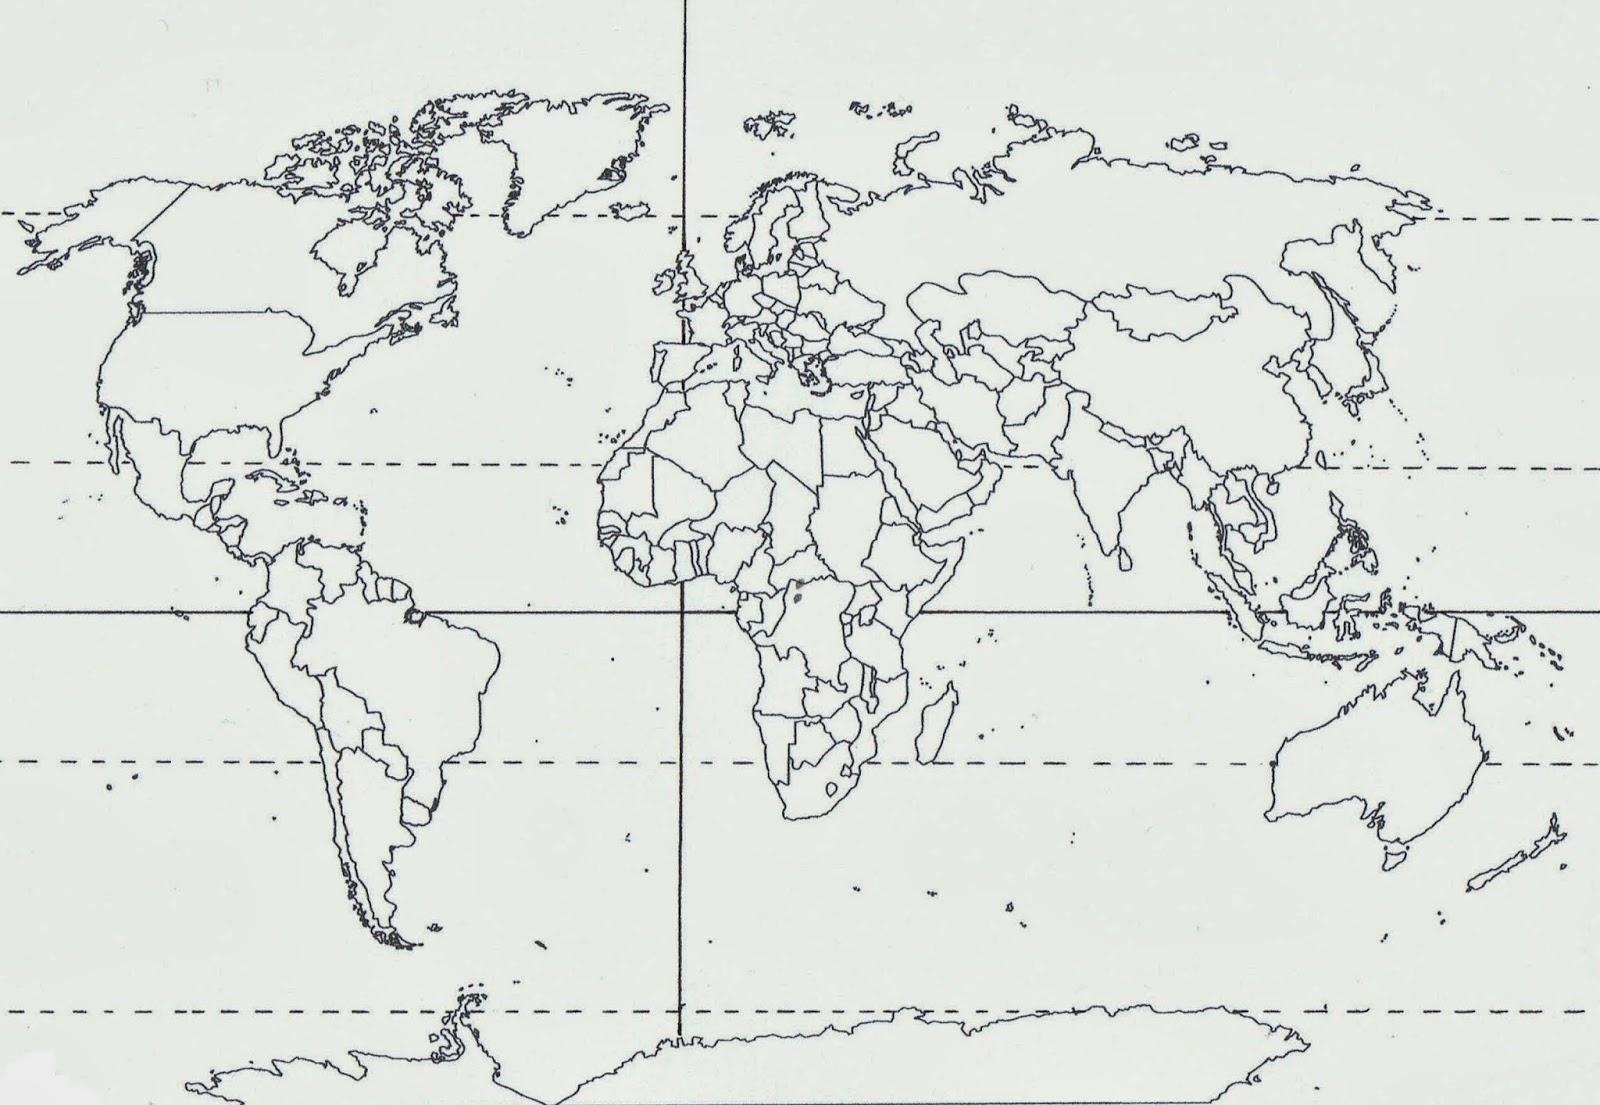 Mapa Mudo De America Con Lineas Imaginarias